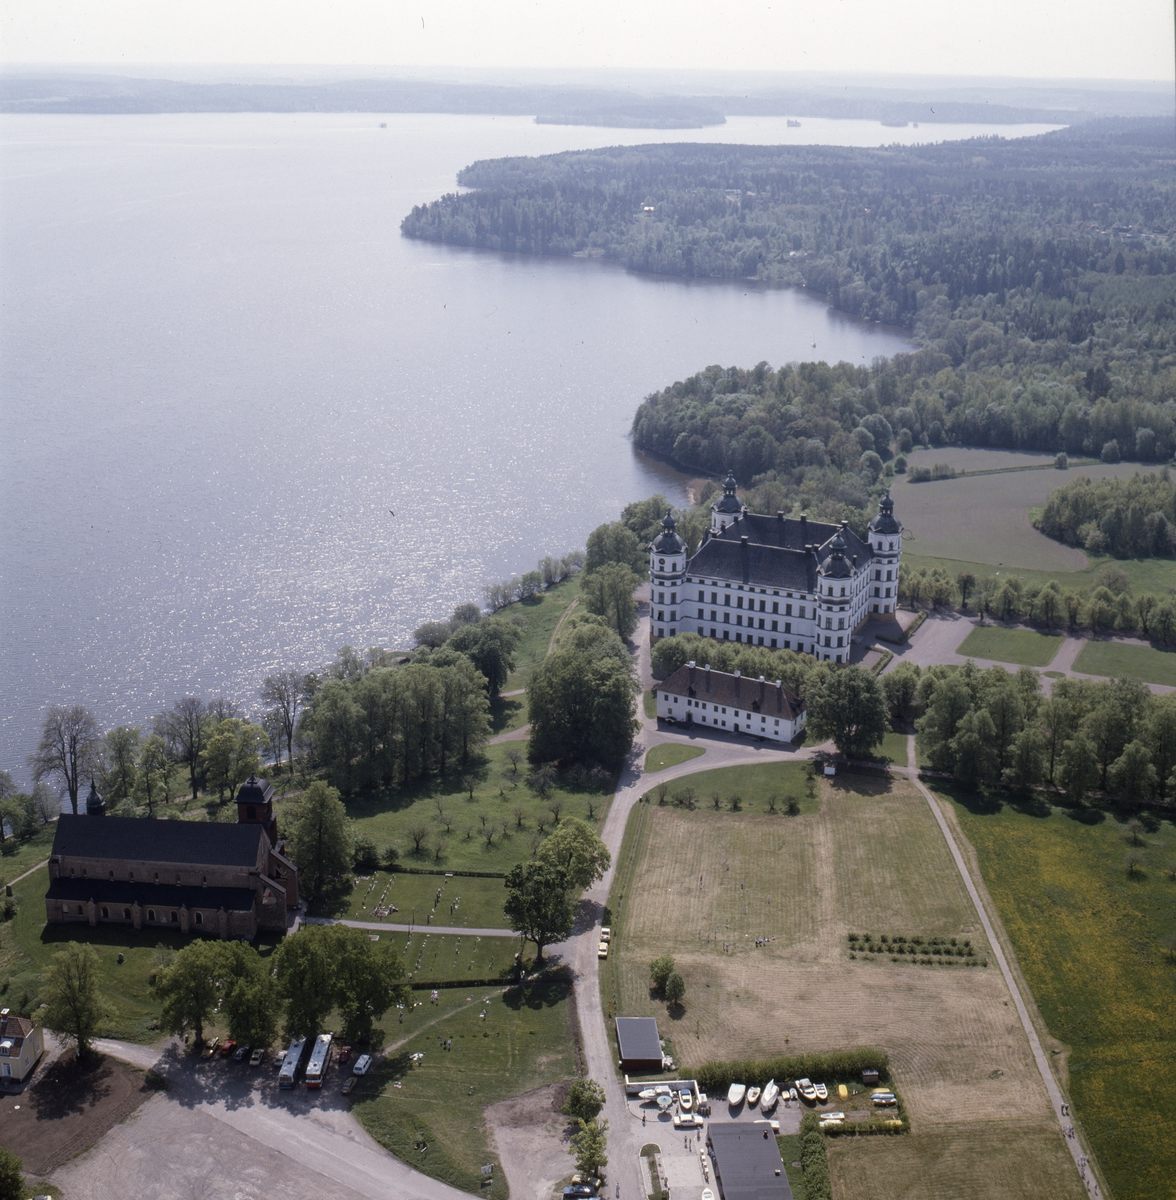 Vy över Skoklosters slott och slottpark vid Mälaren, Skokloster socken, Uppland, juni 1989